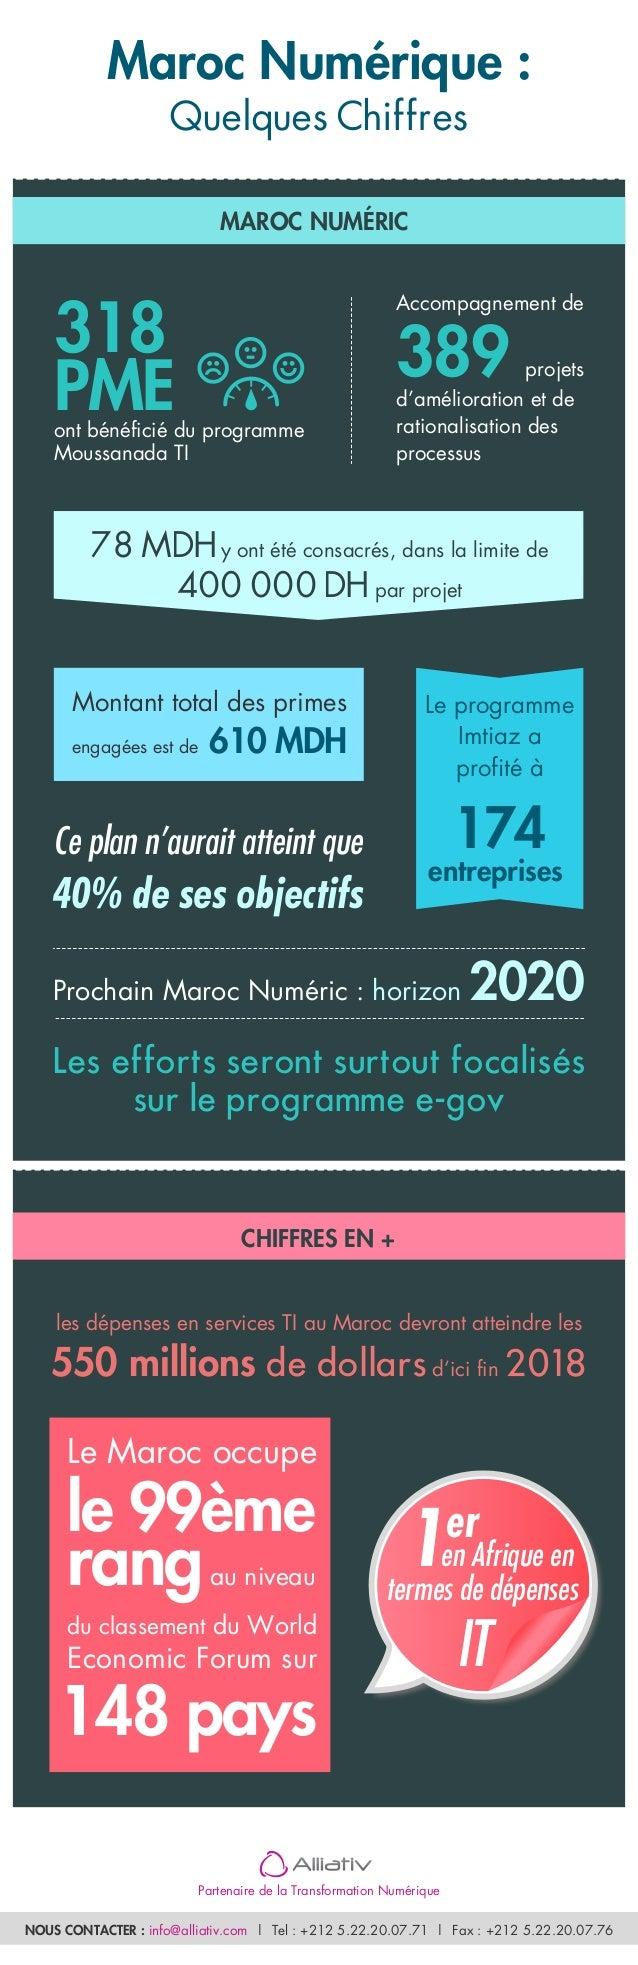 Maroc Numérique :  Quelques Chiffres  318  PME  MAROC NUMÉRIC  ont bénéficié du programme  Moussanada TI  Accompagnement d...